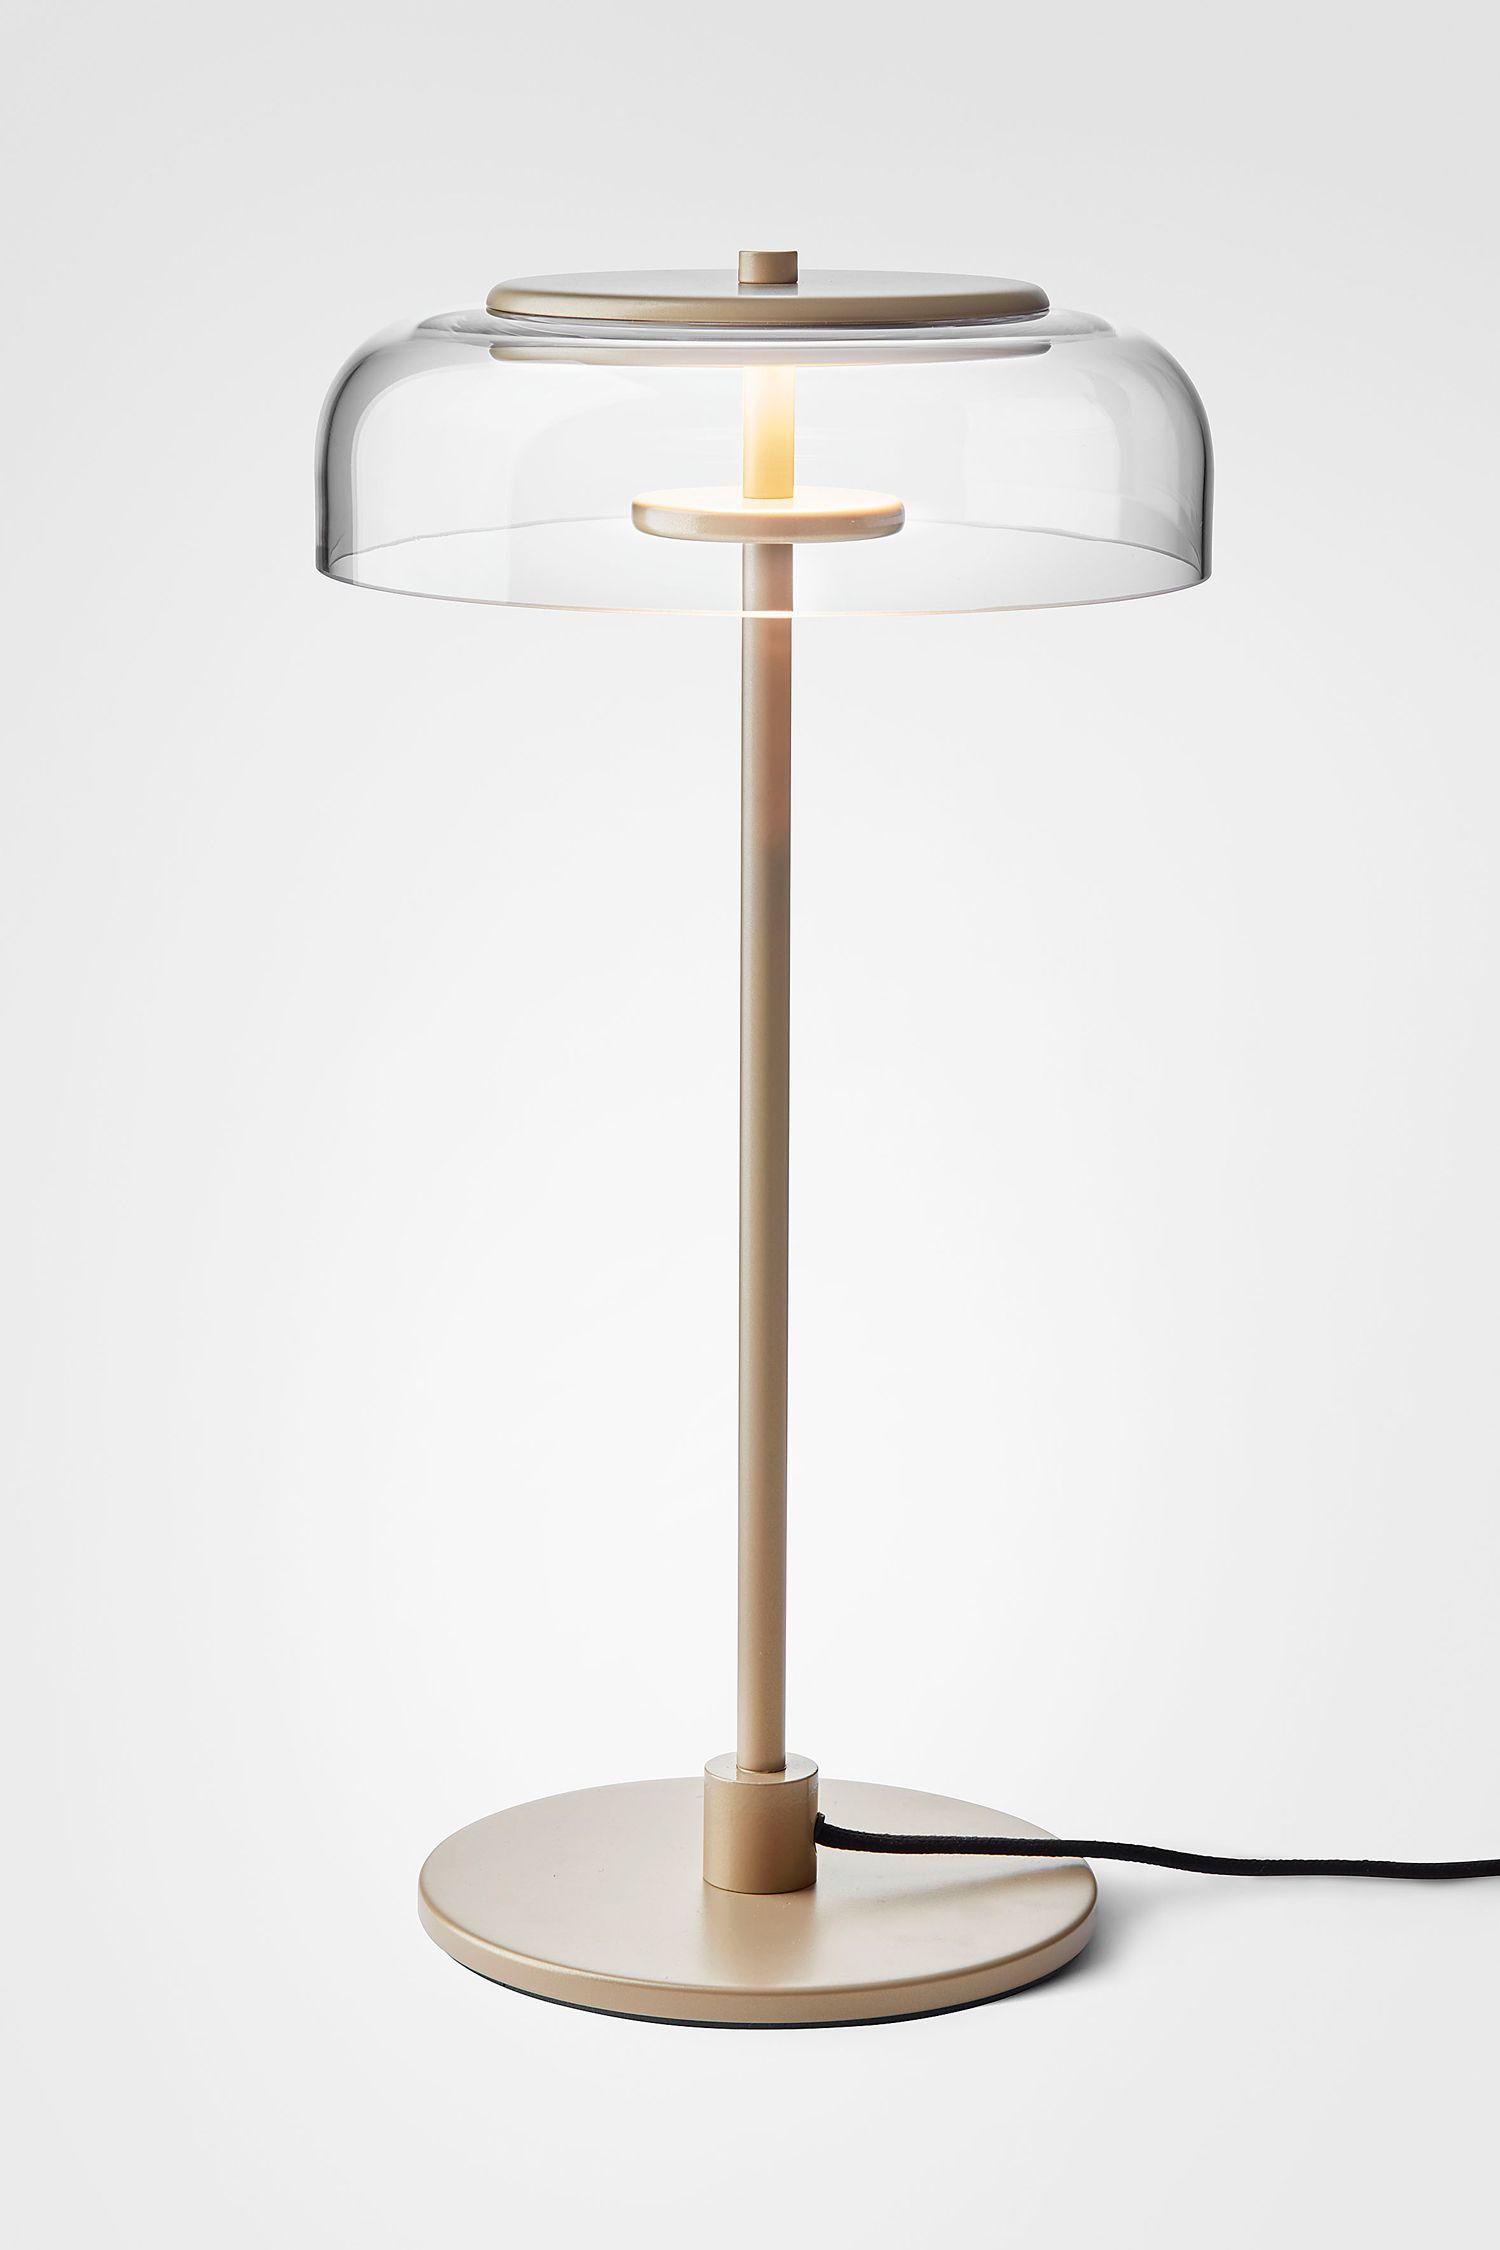 Best In Show Stockholm Furniture Fair 2018 Lamp Design Nordic